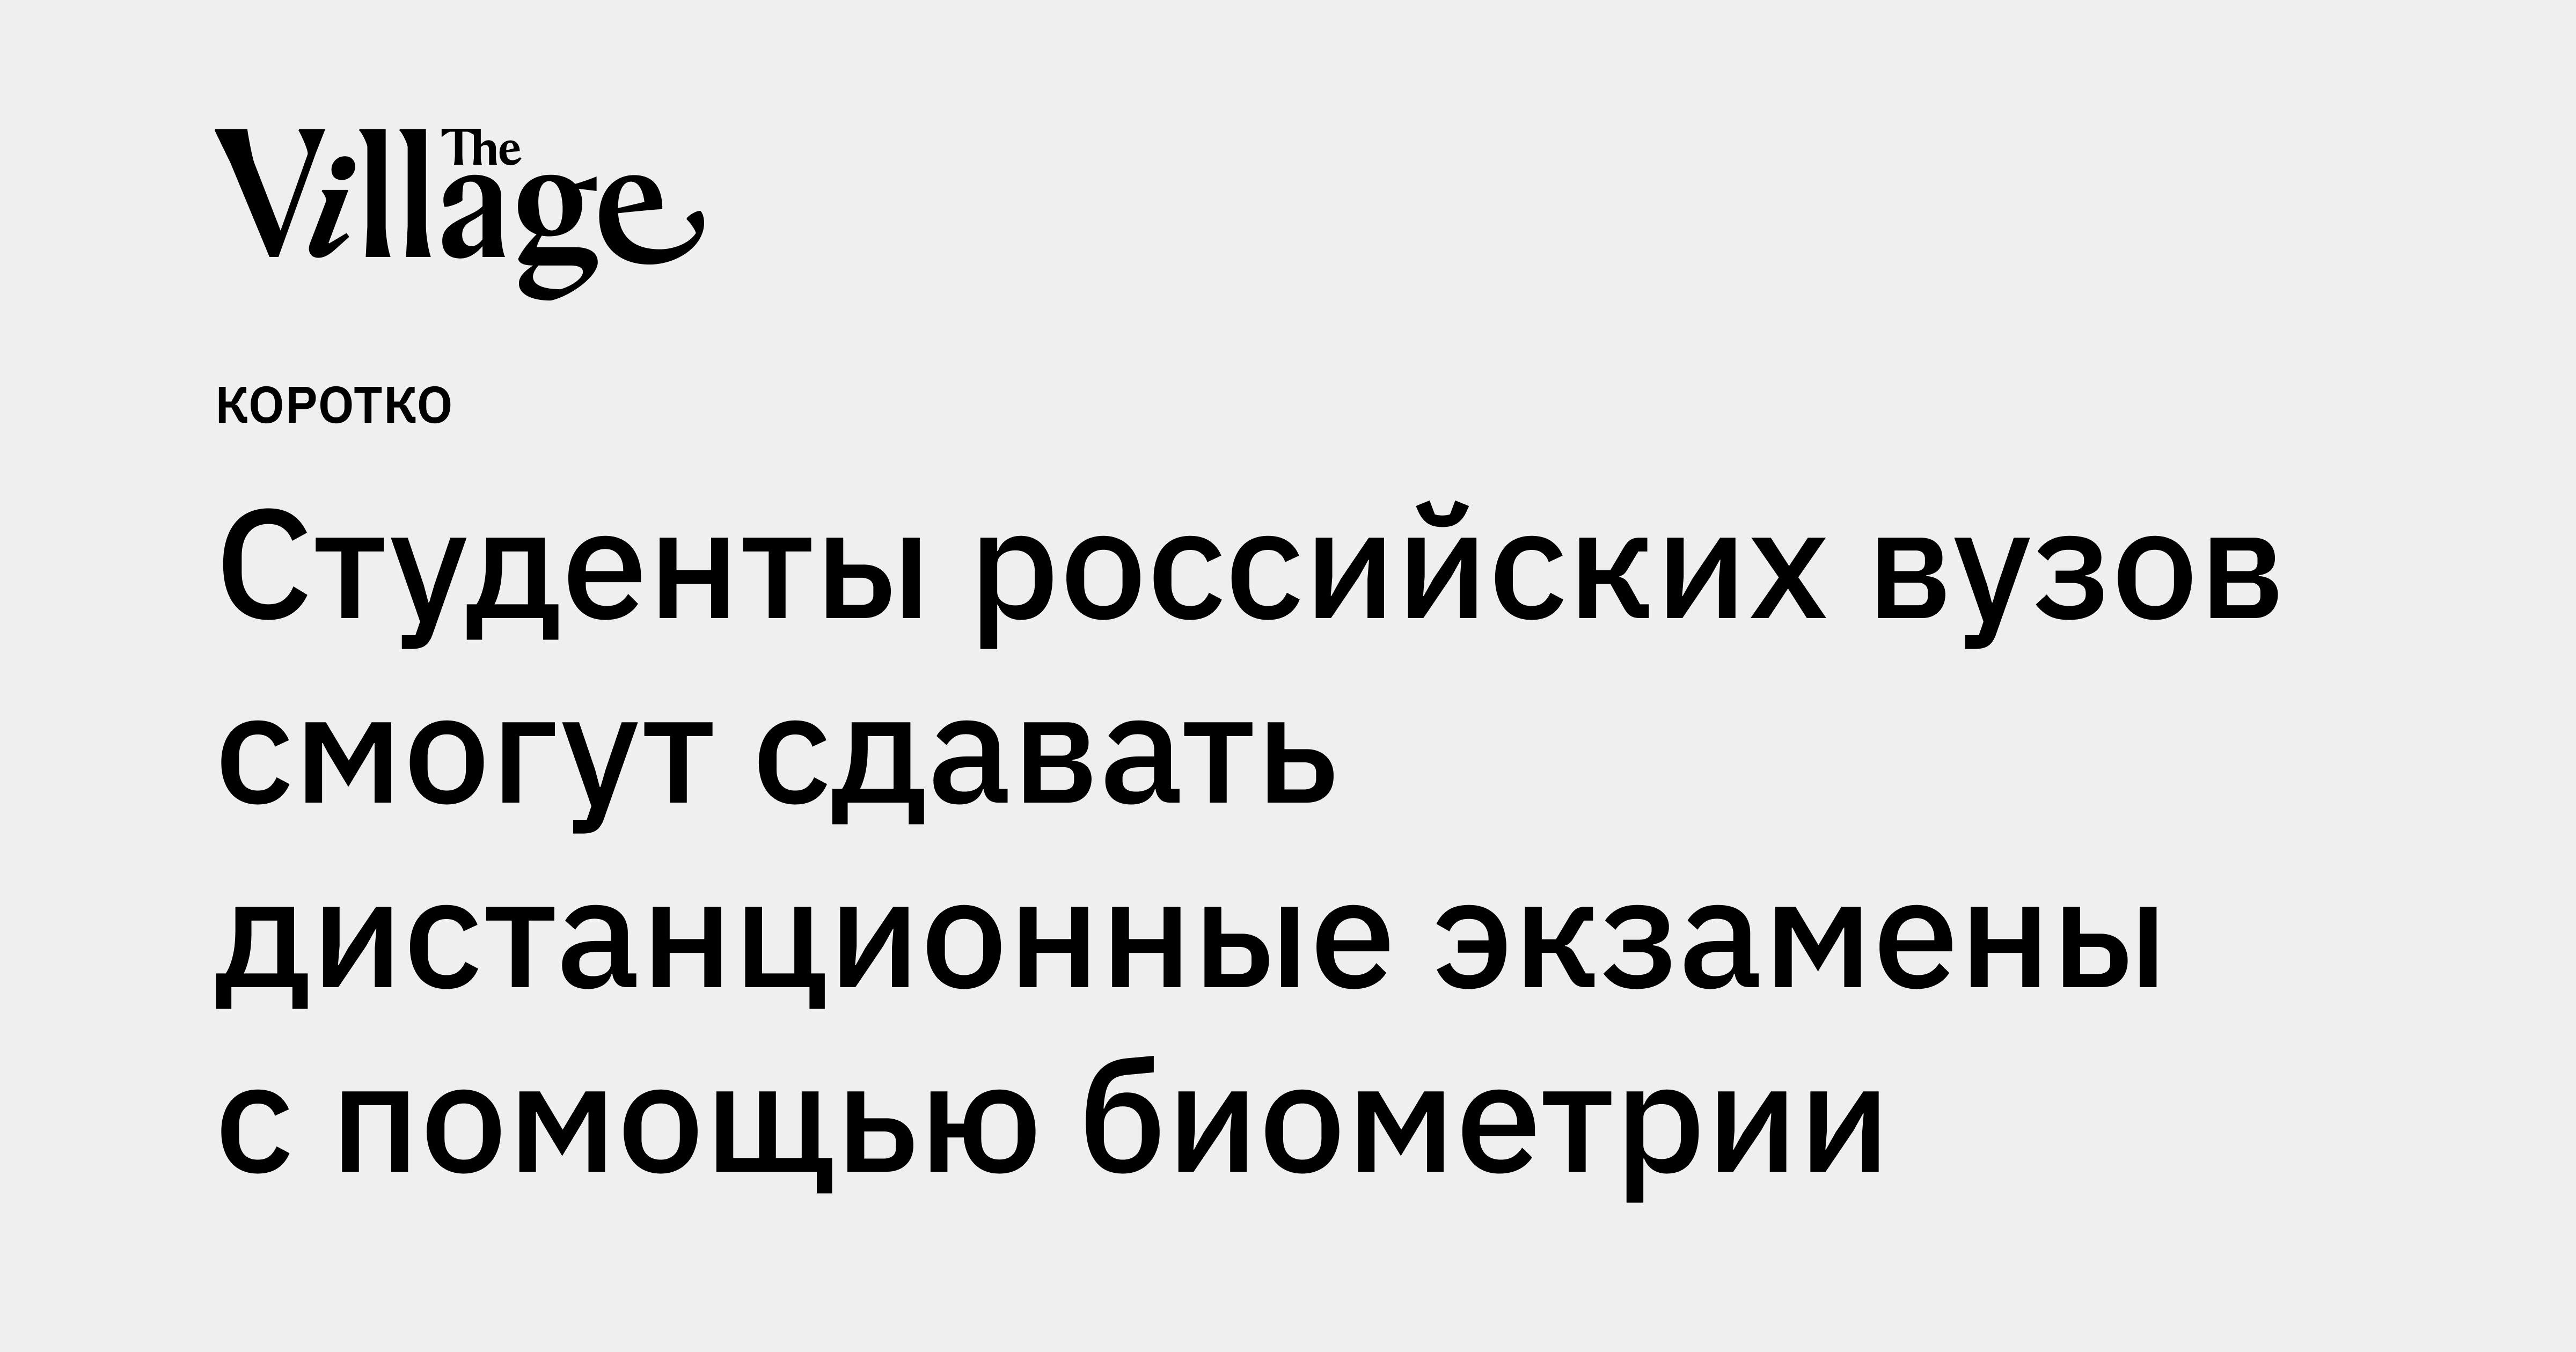 Студенты российских вузов смогут сдавать дистанционные экзамены с помощью биометрии